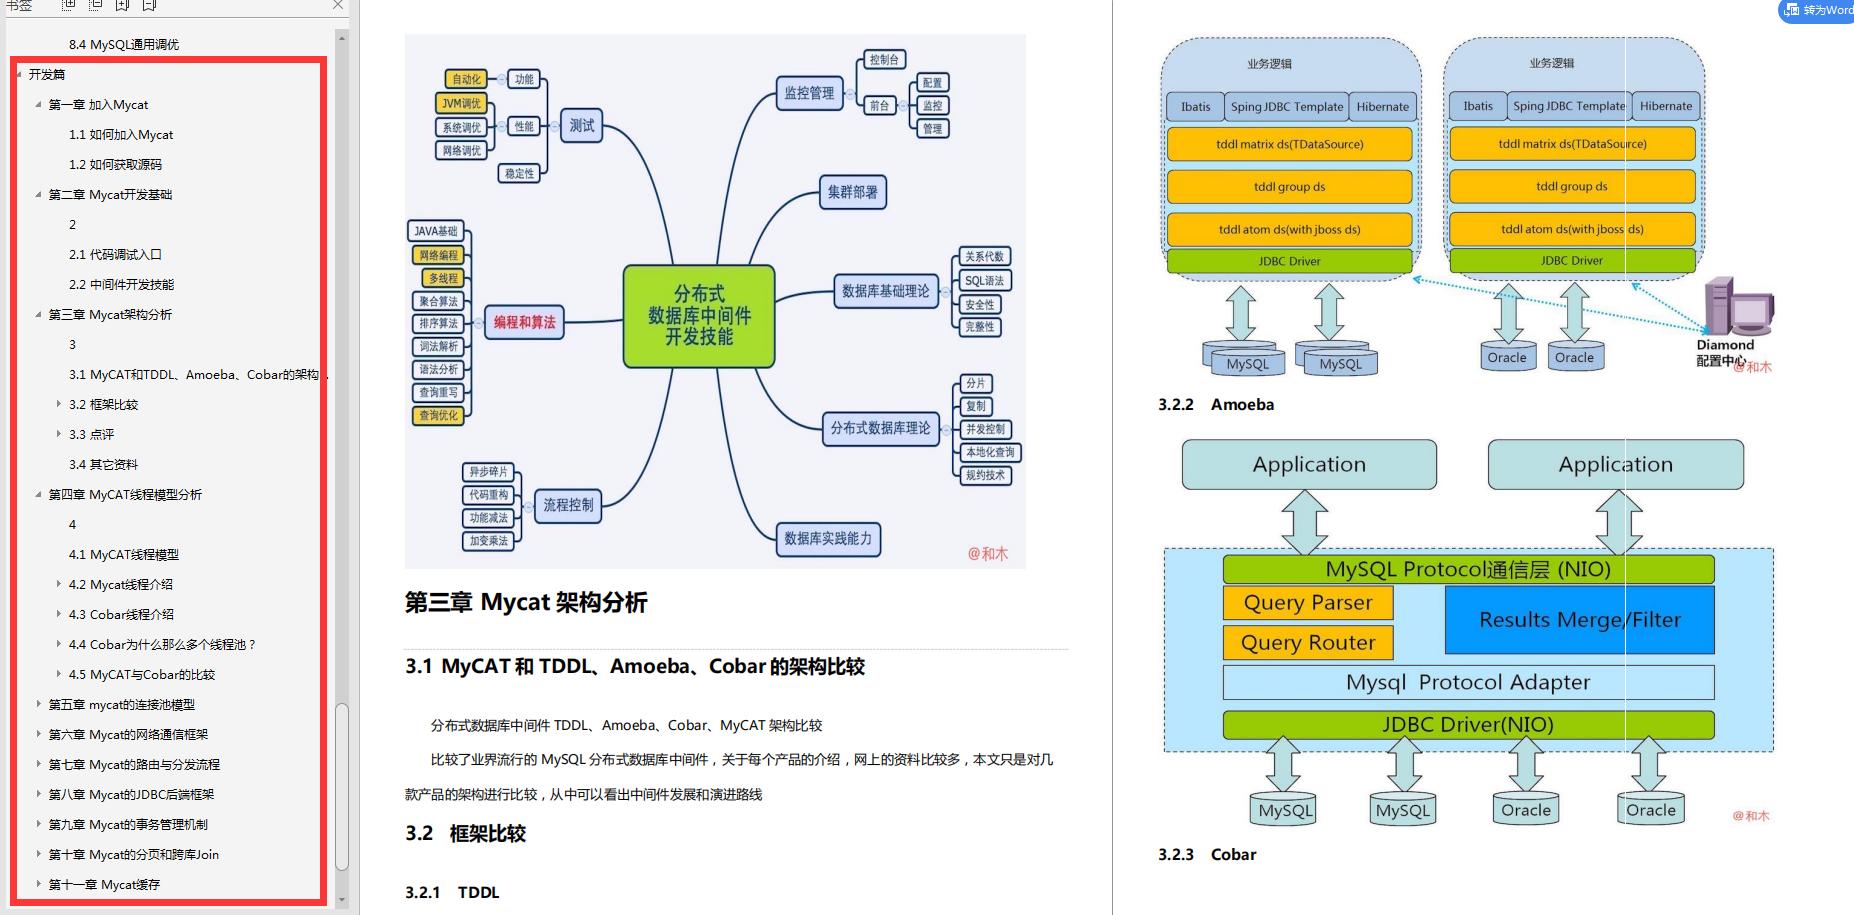 惊艳!阿里出产的MyCat性能笔记,带你领略什么叫细节爆炸